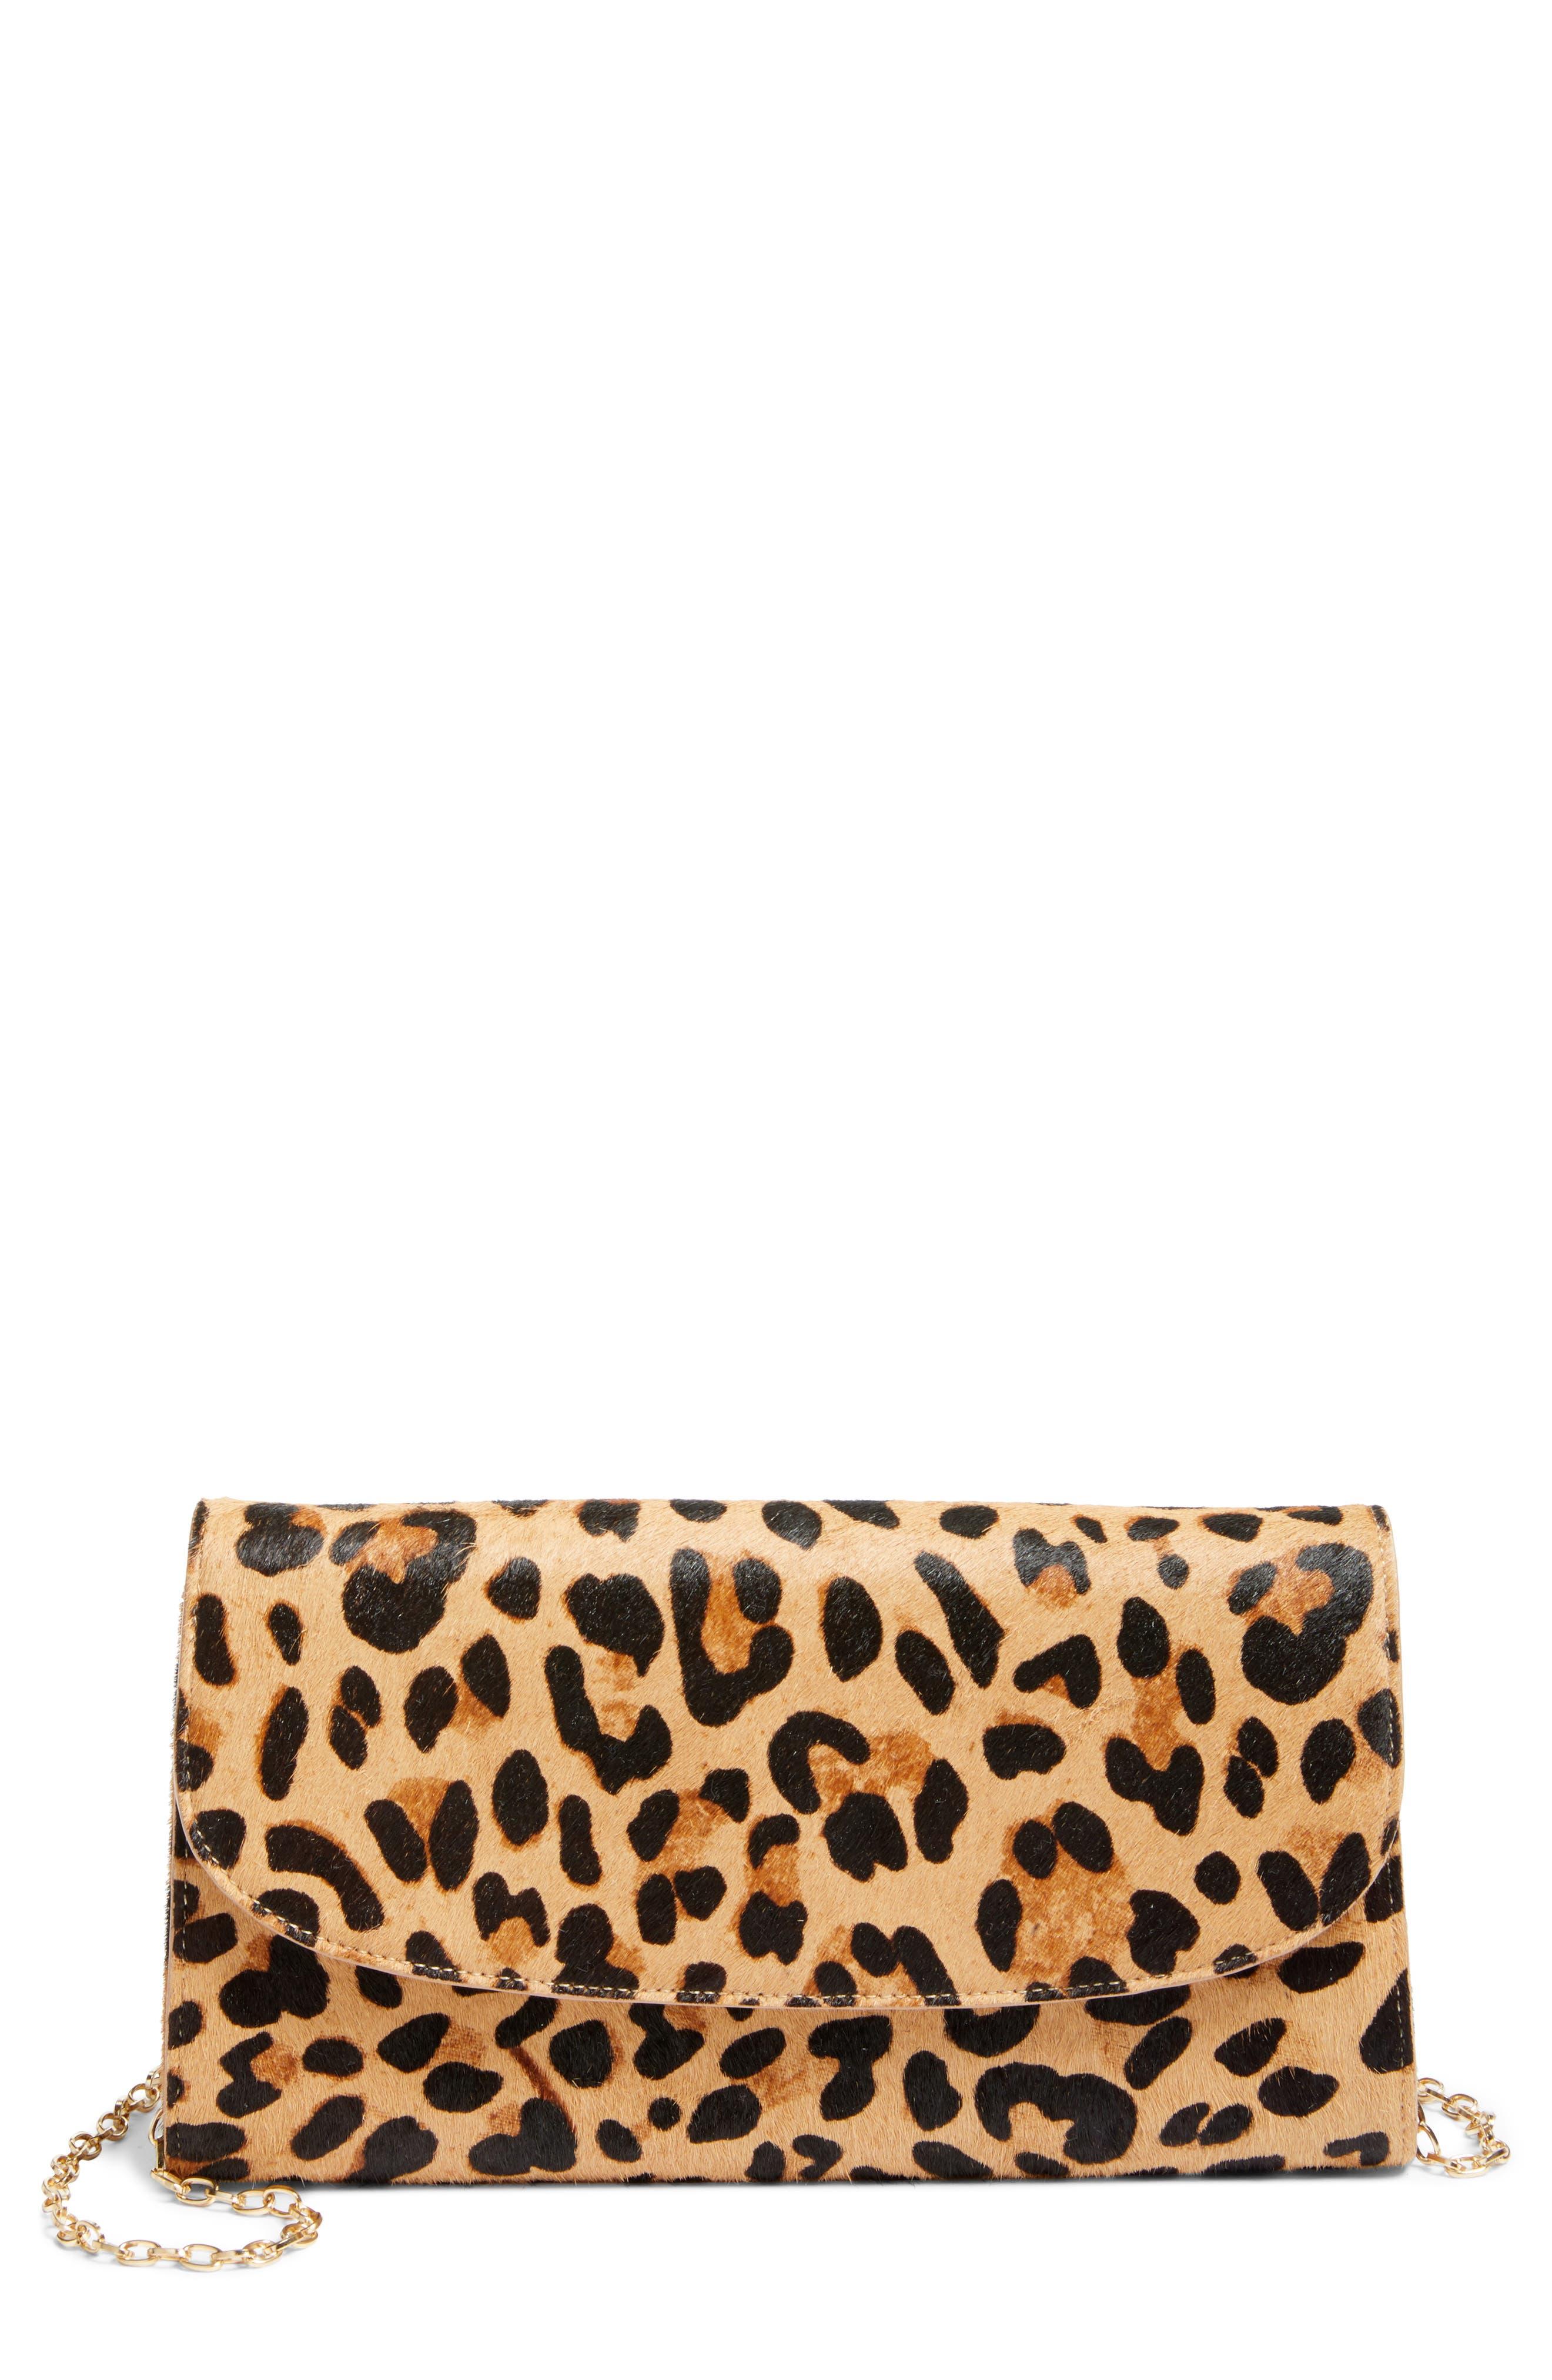 Genuine Calf Hair Leopard Print Clutch,                             Main thumbnail 1, color,                             Natural Leopard